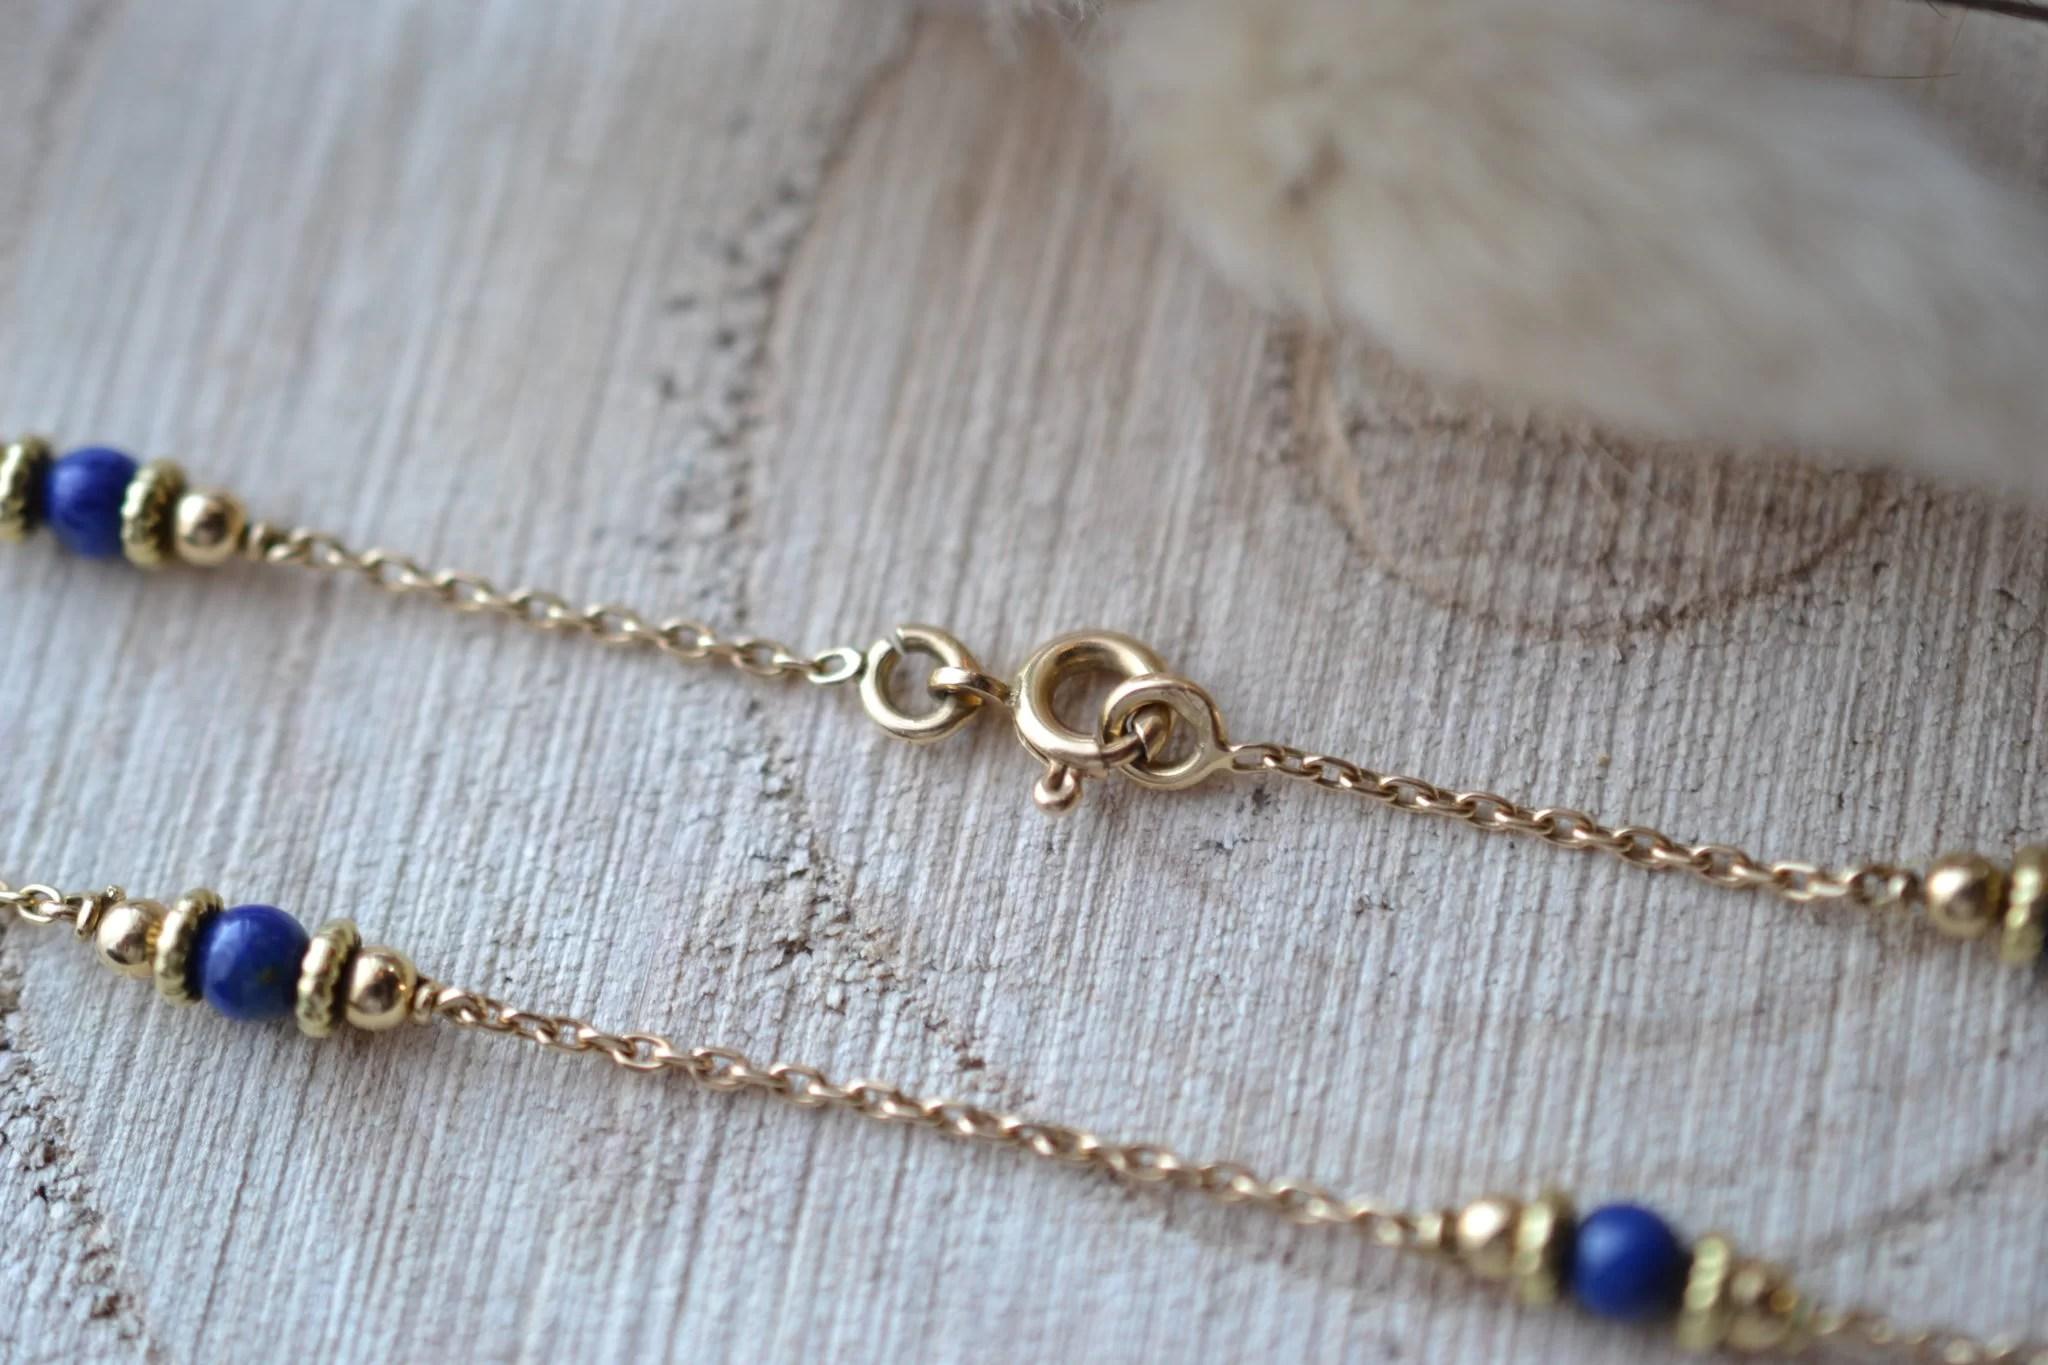 Bracelet en Or jaune habillé de 4 Lapis-lazulis - bracelet rétro